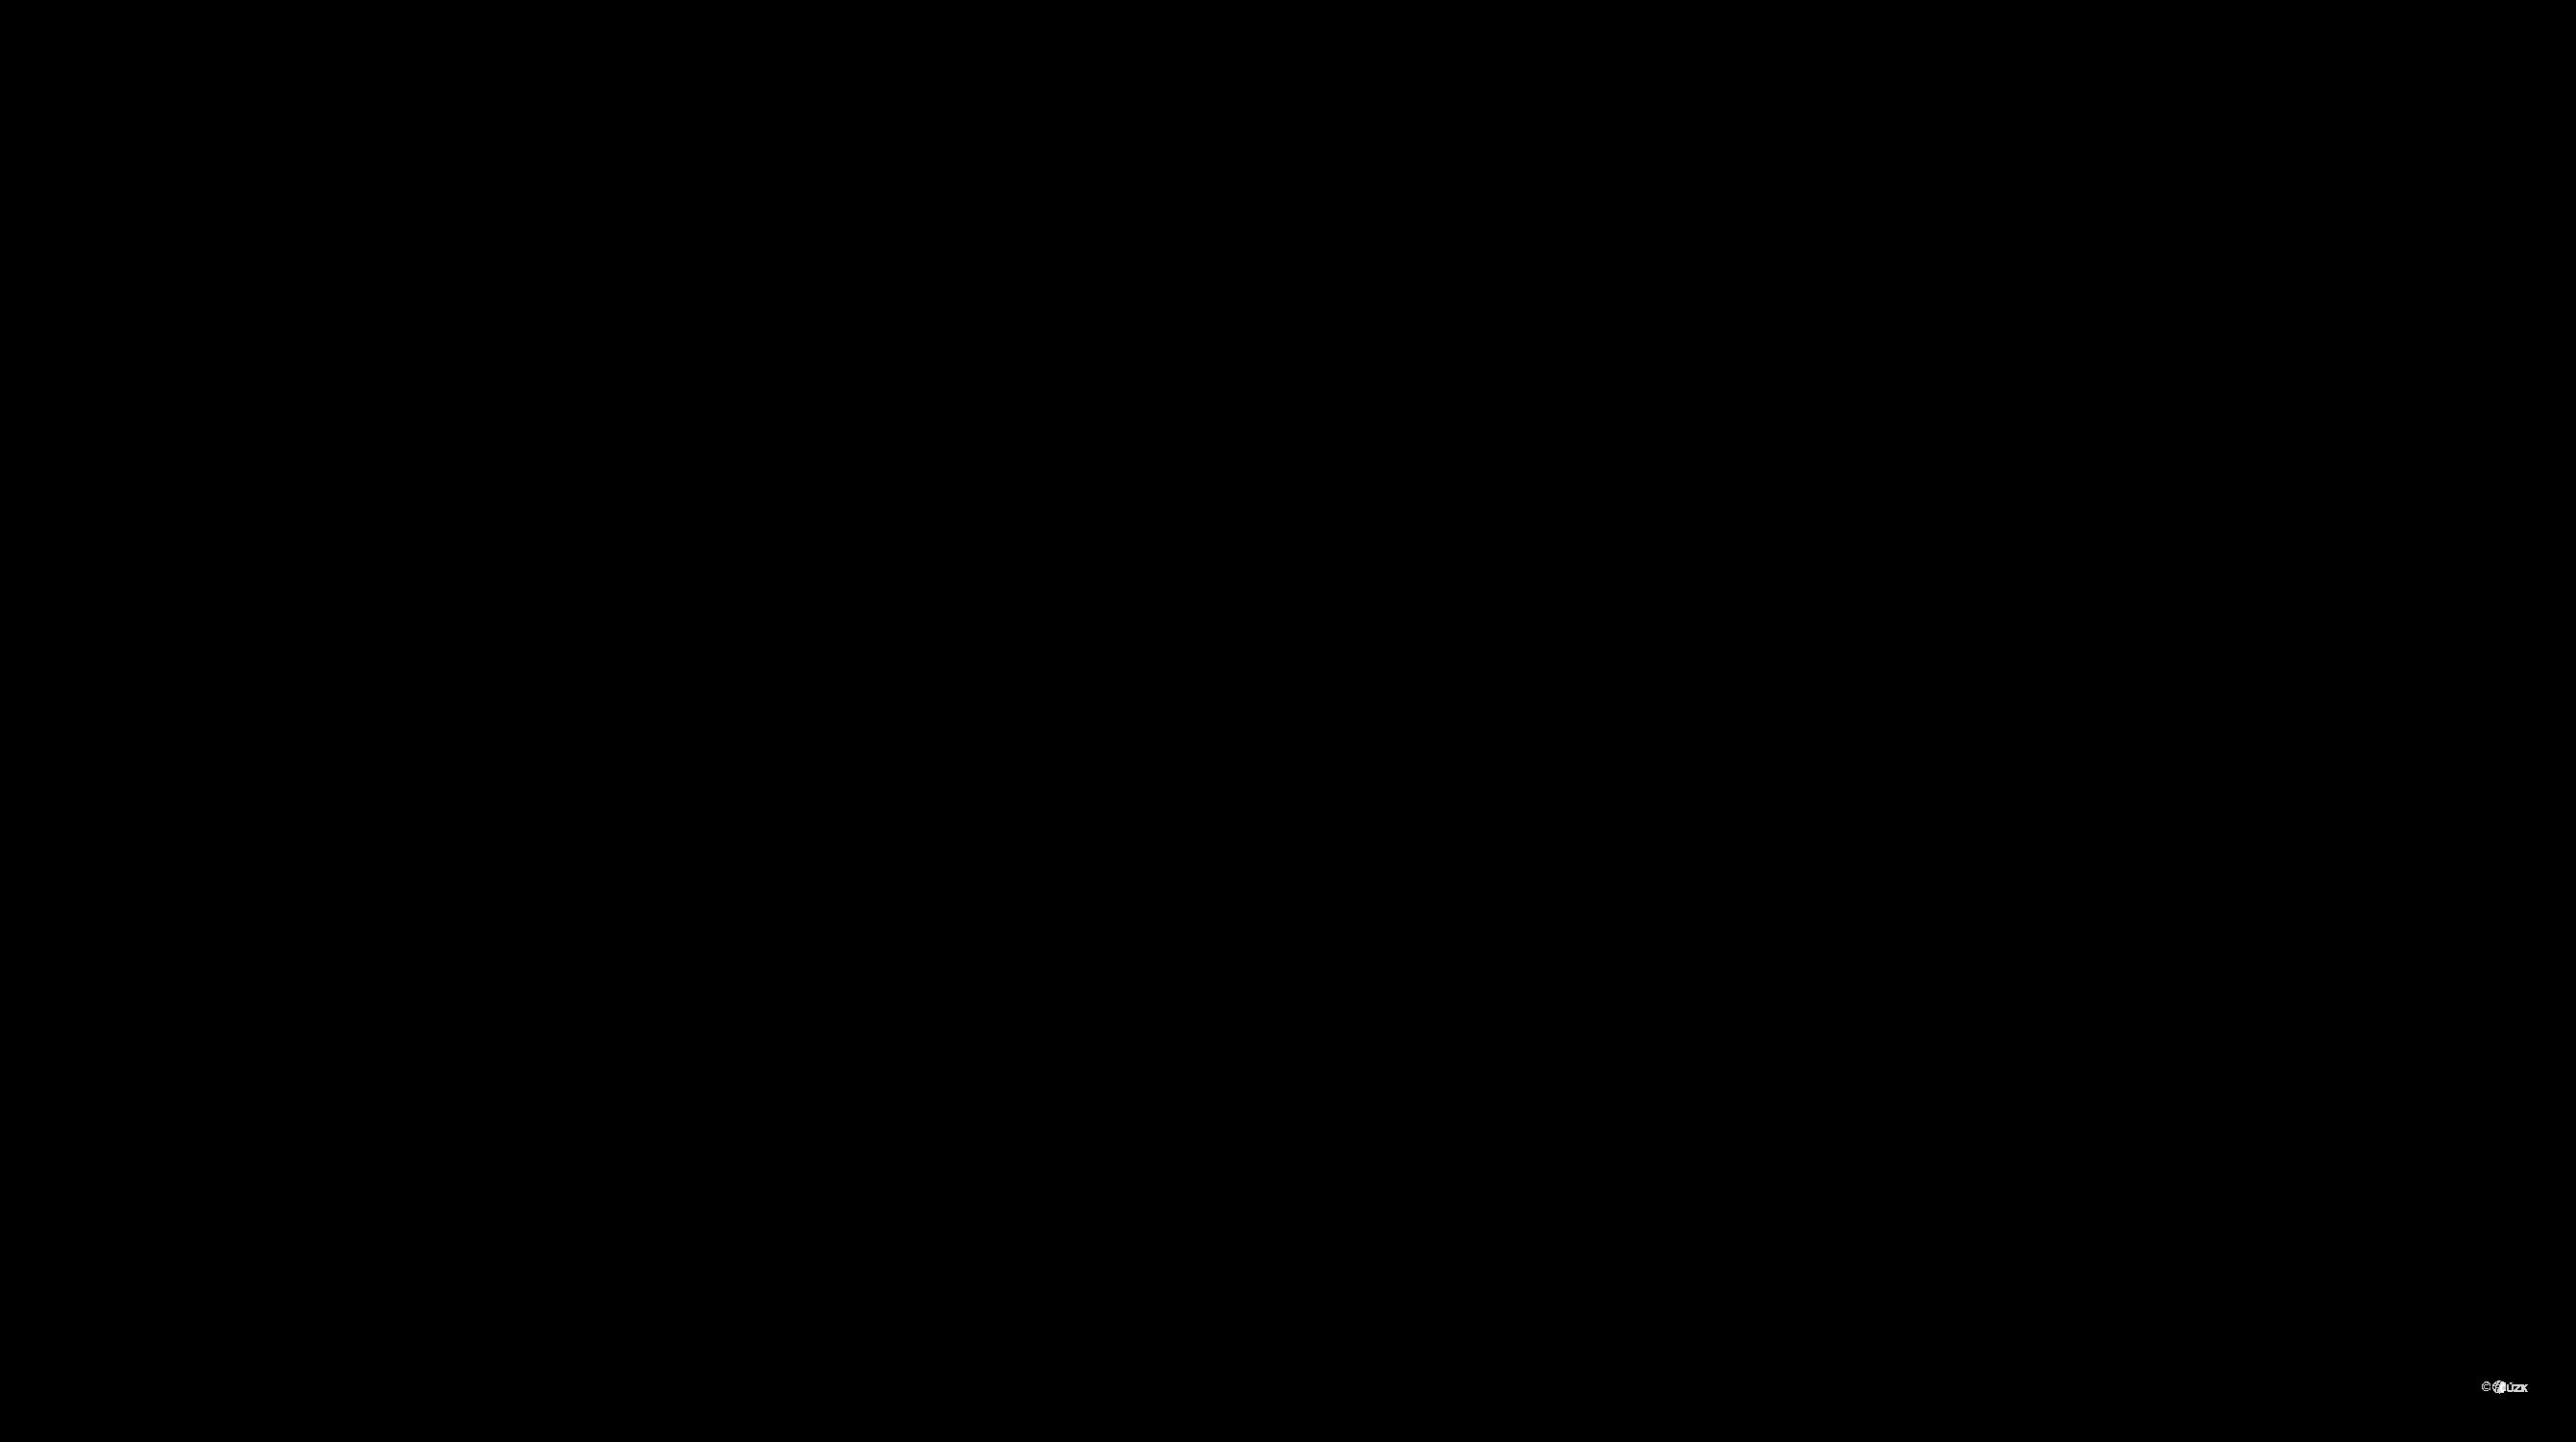 Katastrální mapa pozemků a čísla parcel Ruprechtice